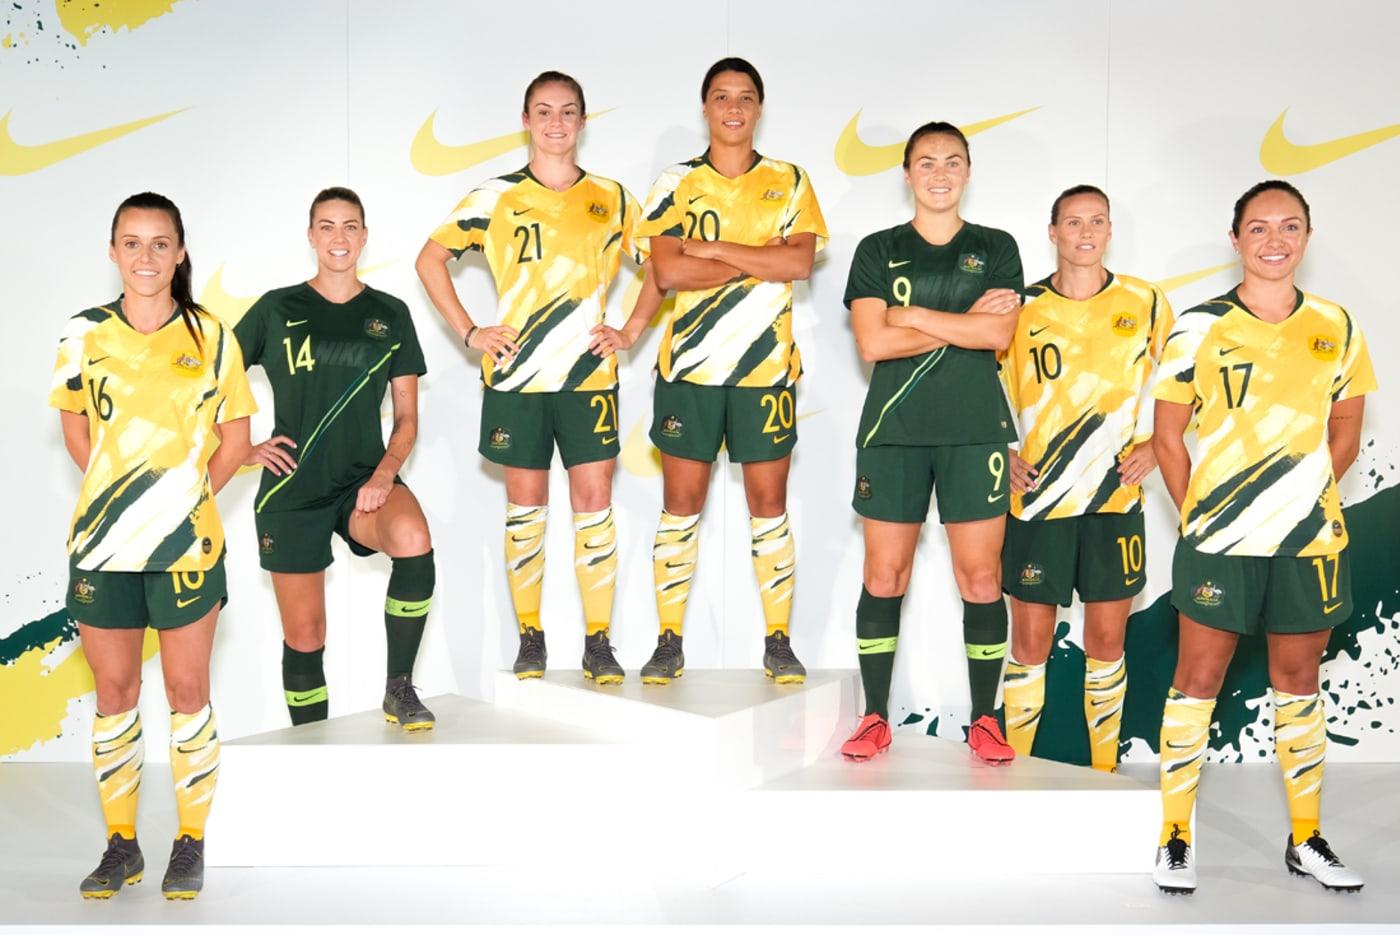 Australia Matildas Womens World Cup Jersey reveal